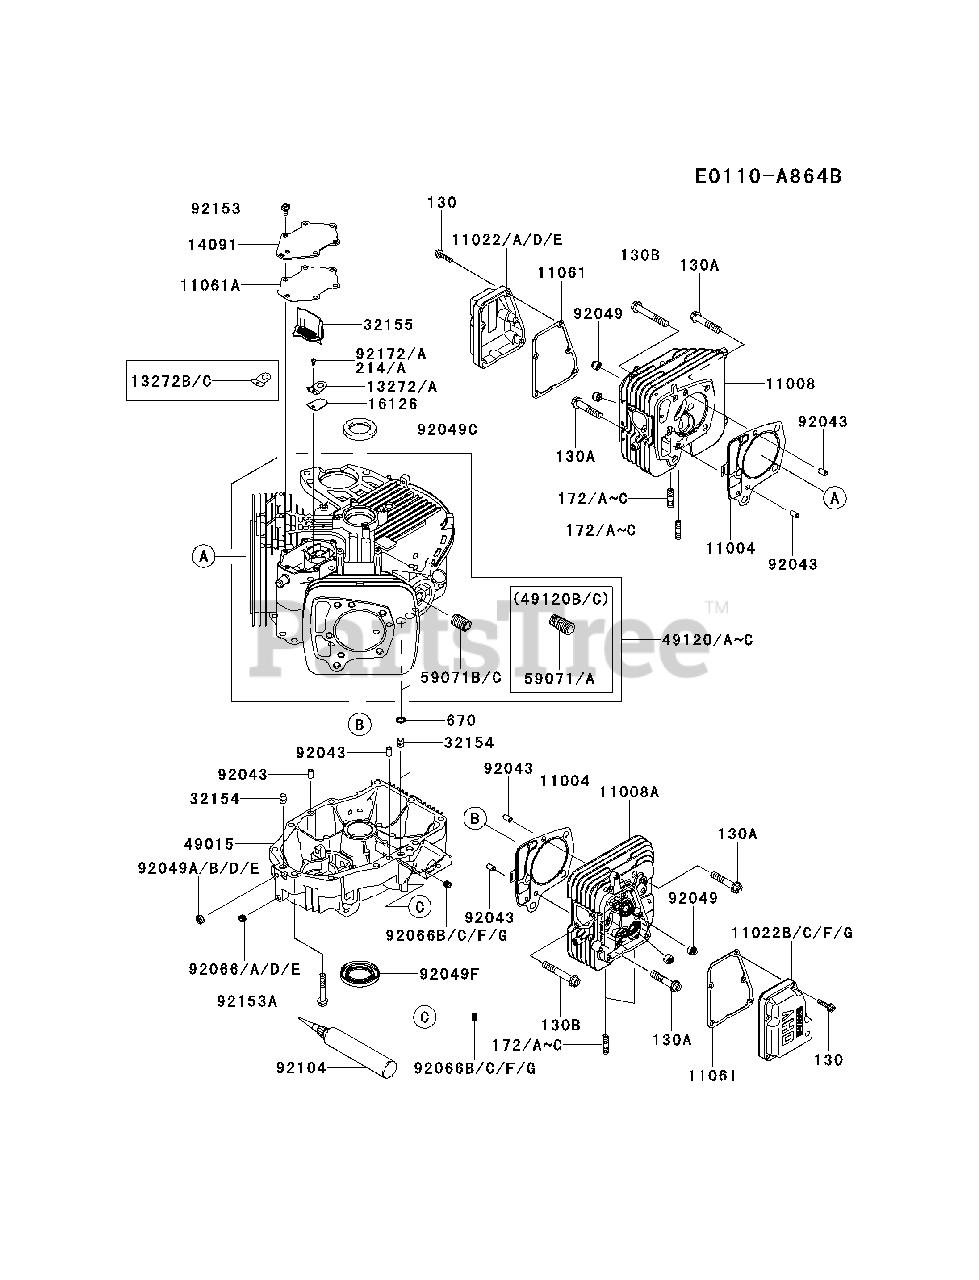 Kawasaki FR651V-AS10 - Kawasaki Engine CYLINDER/CRANKCASE Parts Lookup with  Diagrams   PartsTreePartsTree